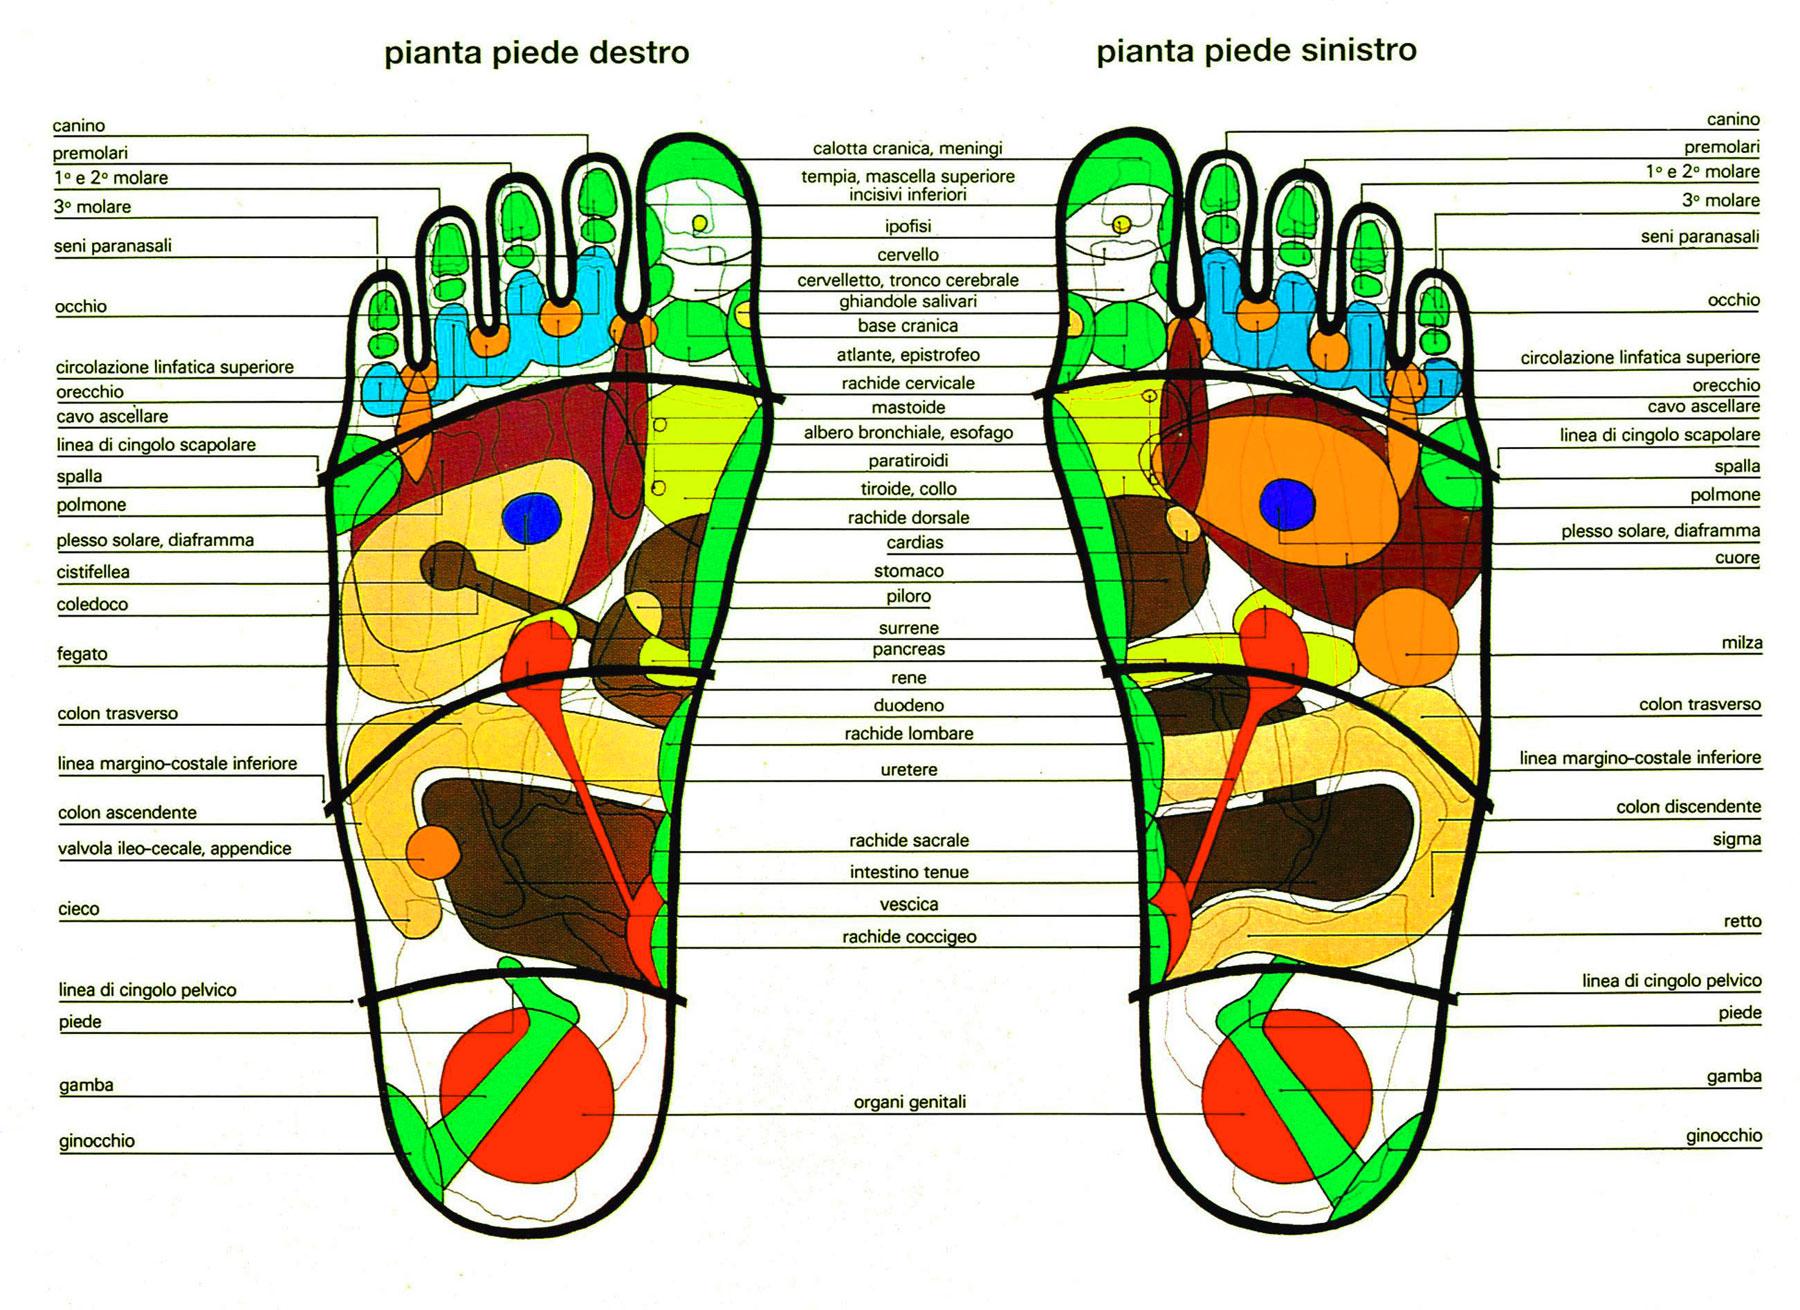 Riflessologia plantare: i punti dei piedi con l'indicazione delle corrispondenze degli organi e delle varie zone del corpo umano